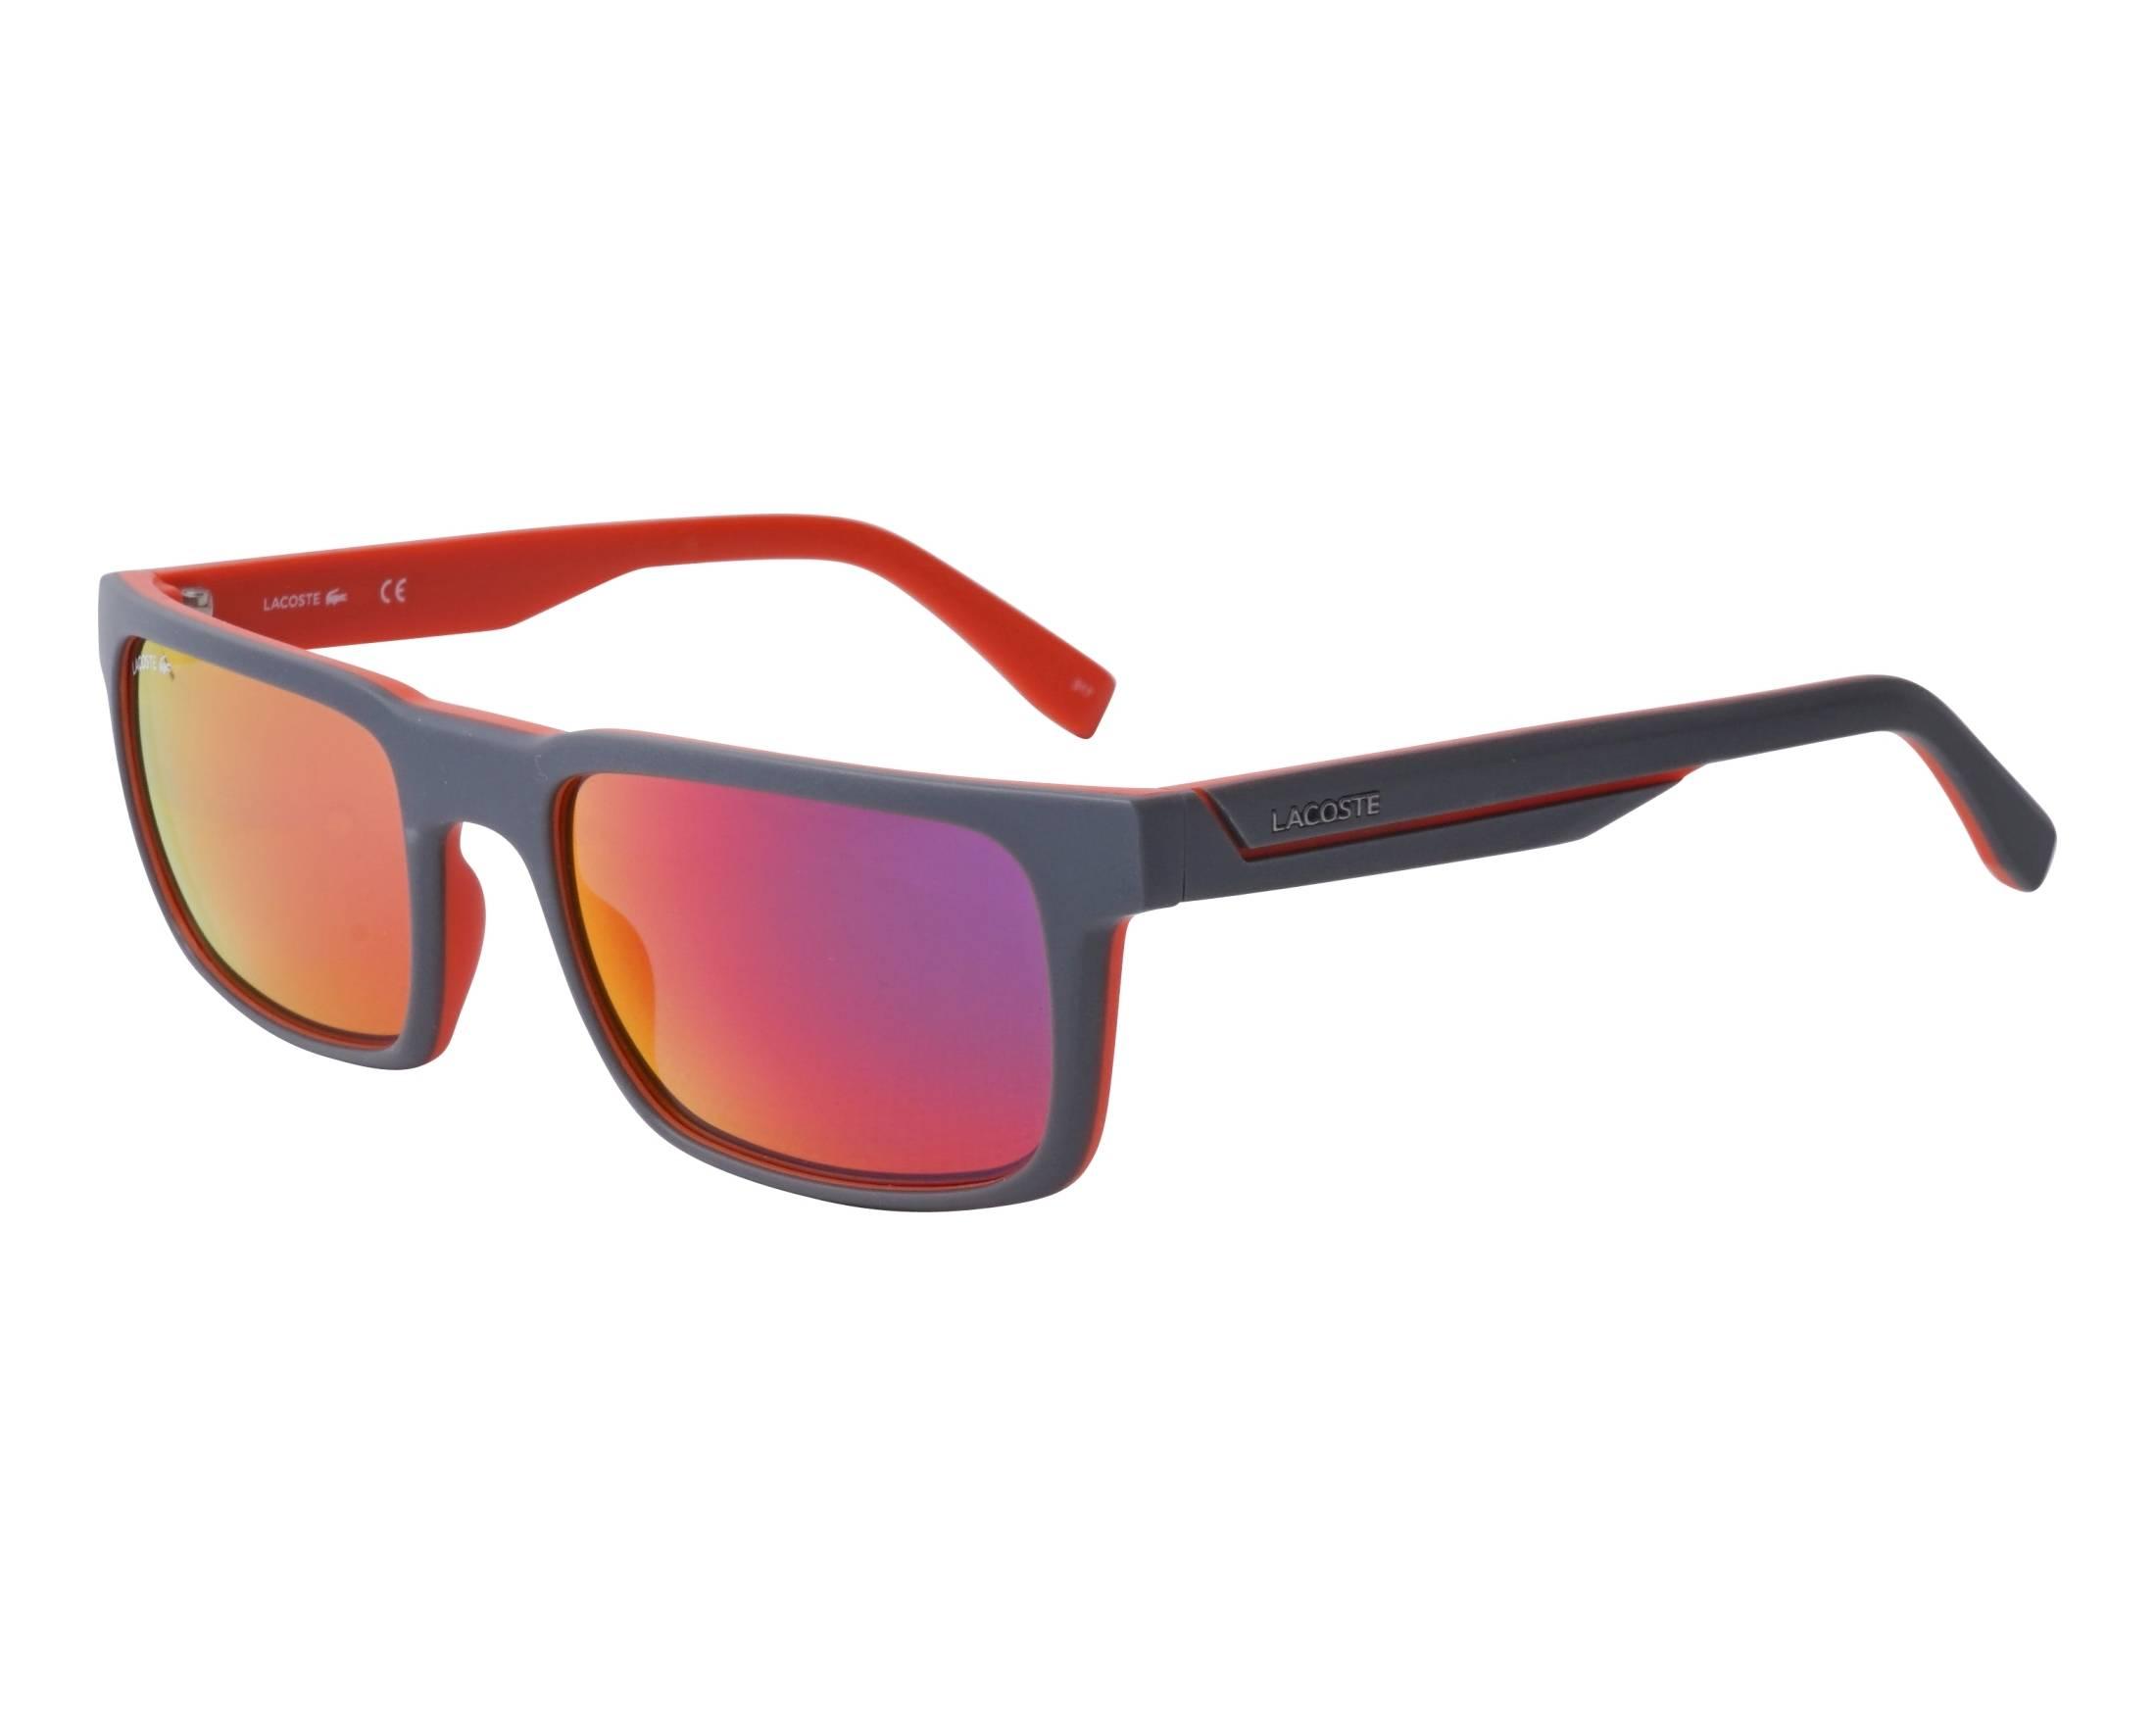 4be36cfe8def Sunglasses Lacoste L-866-S 035 56-20 Black Orange profile view